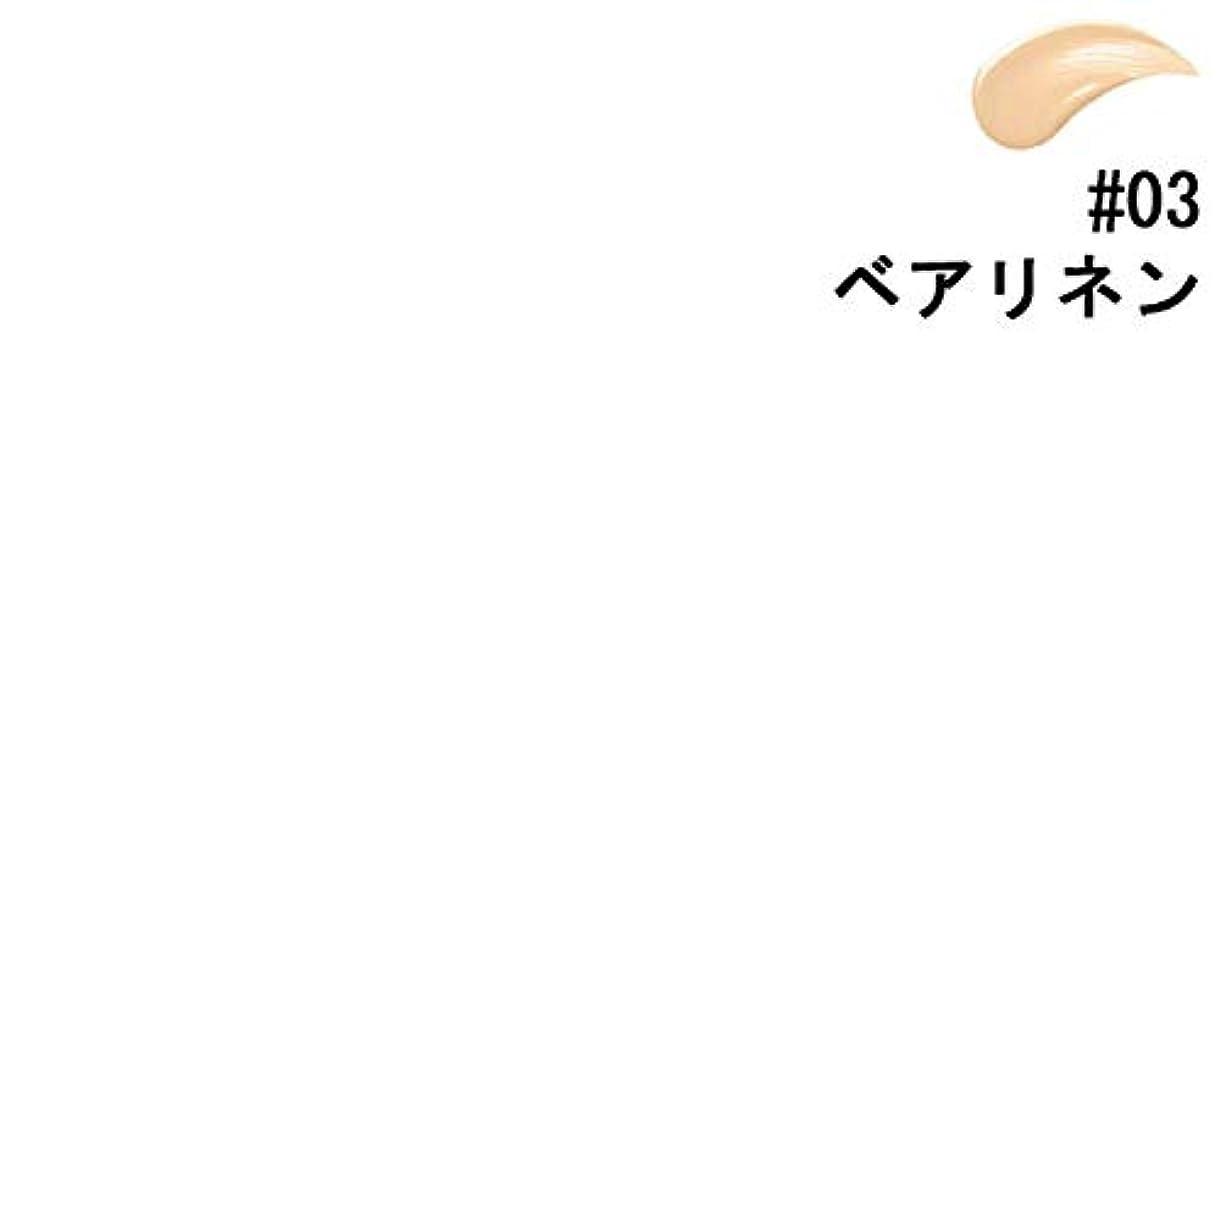 何十人もひらめき余剰【ベアミネラル】ベアミネラル ベア ファンデーション #03 ベアリネン 30ml [並行輸入品]